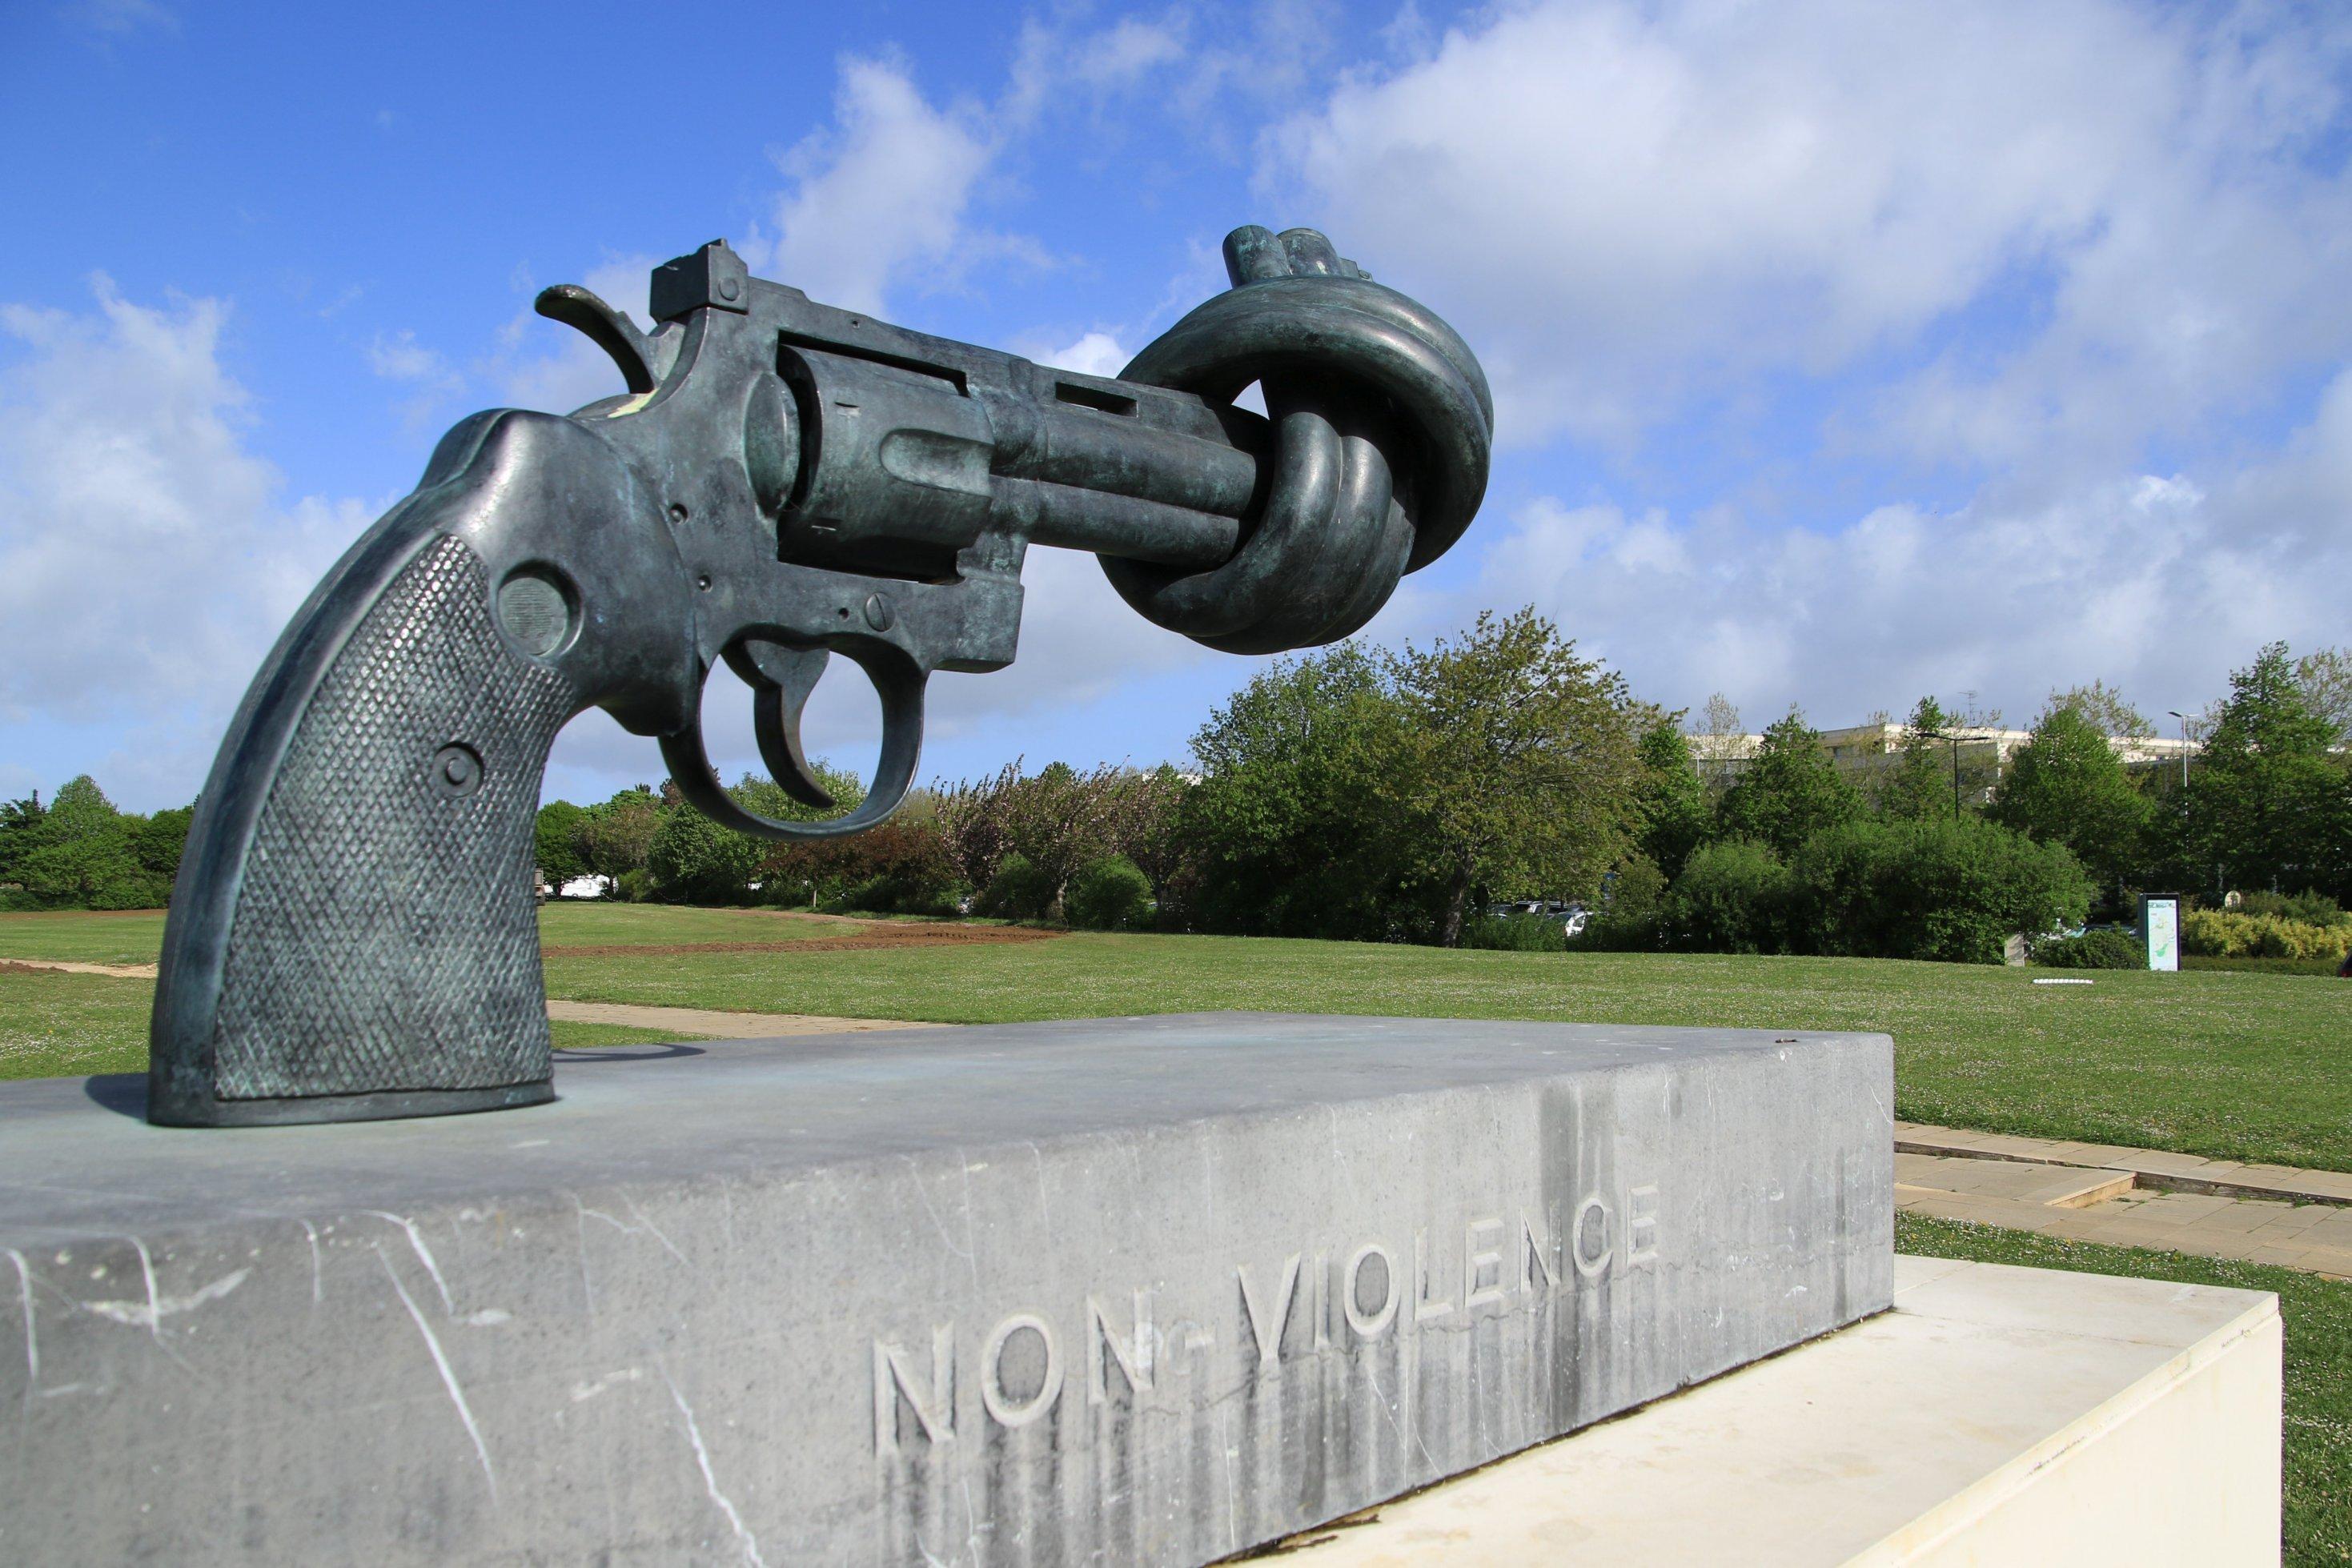 Eine Skulptur einer Pistole mit einem Knoten im Lauf